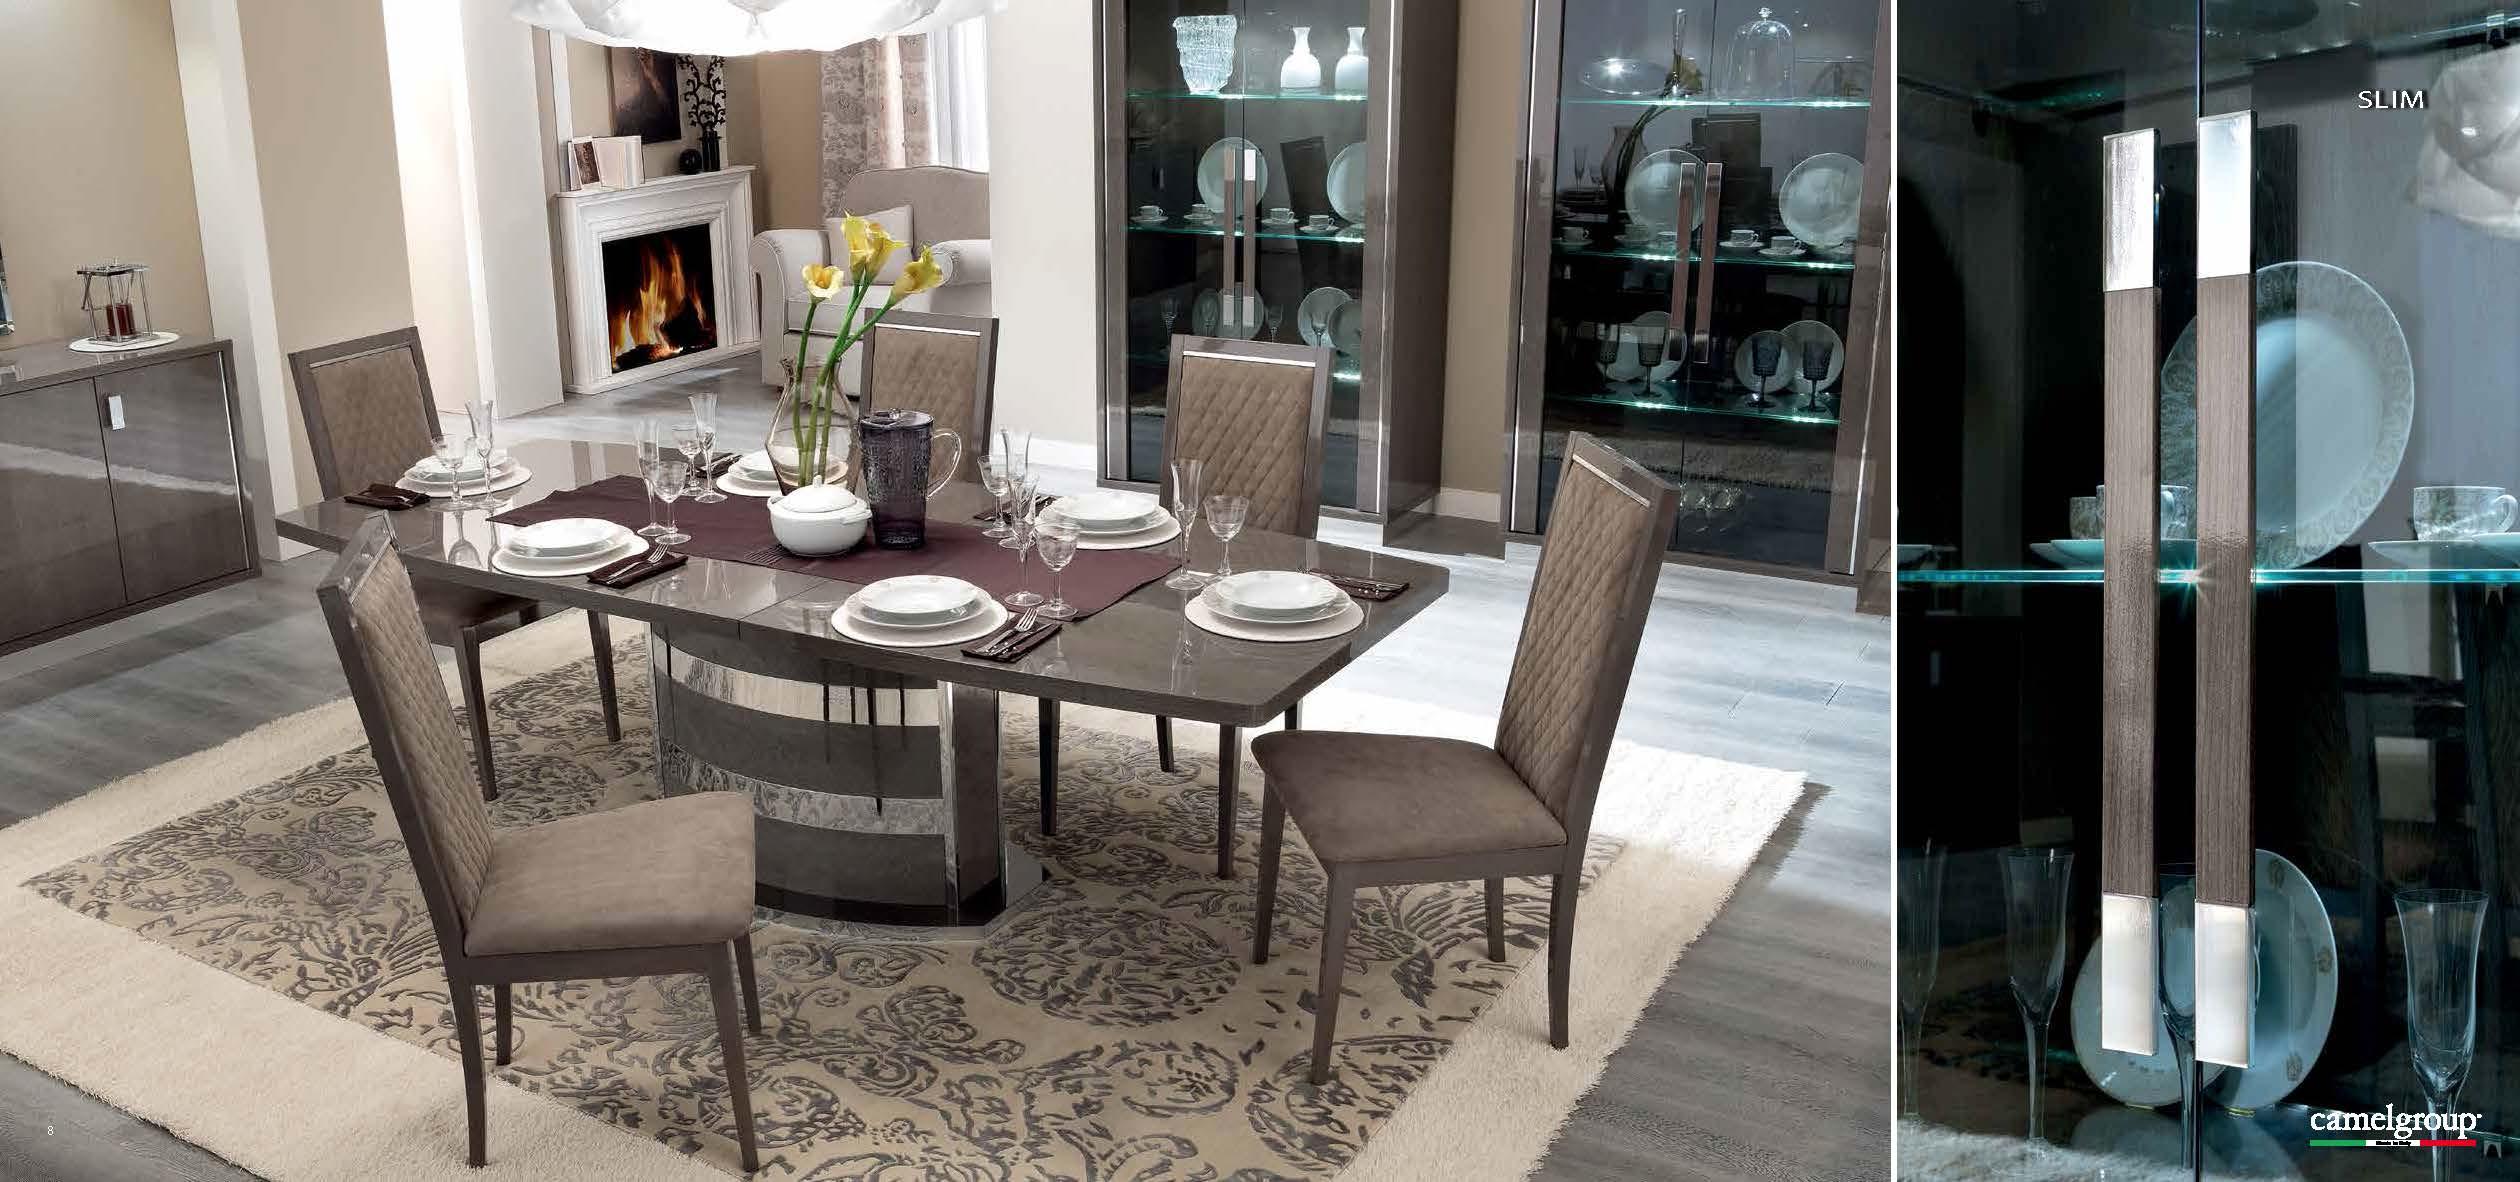 Formal modern dining room sets